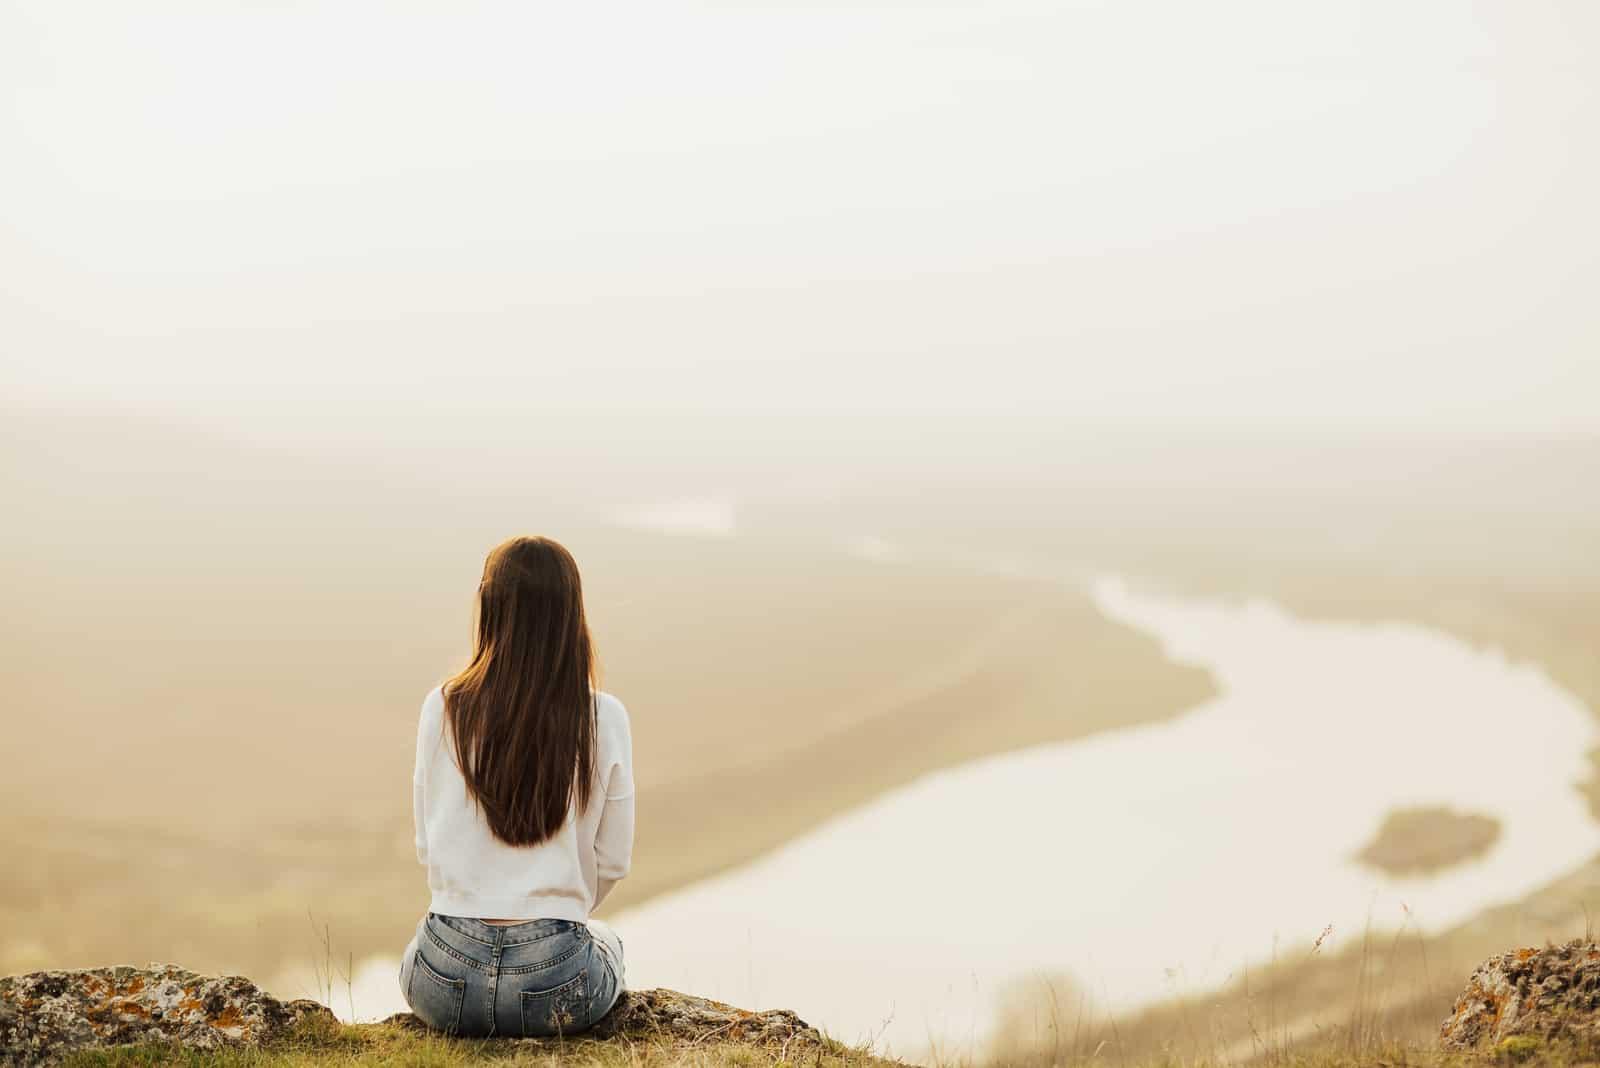 une femme aux longs cheveux noirs est assise sur un rocher